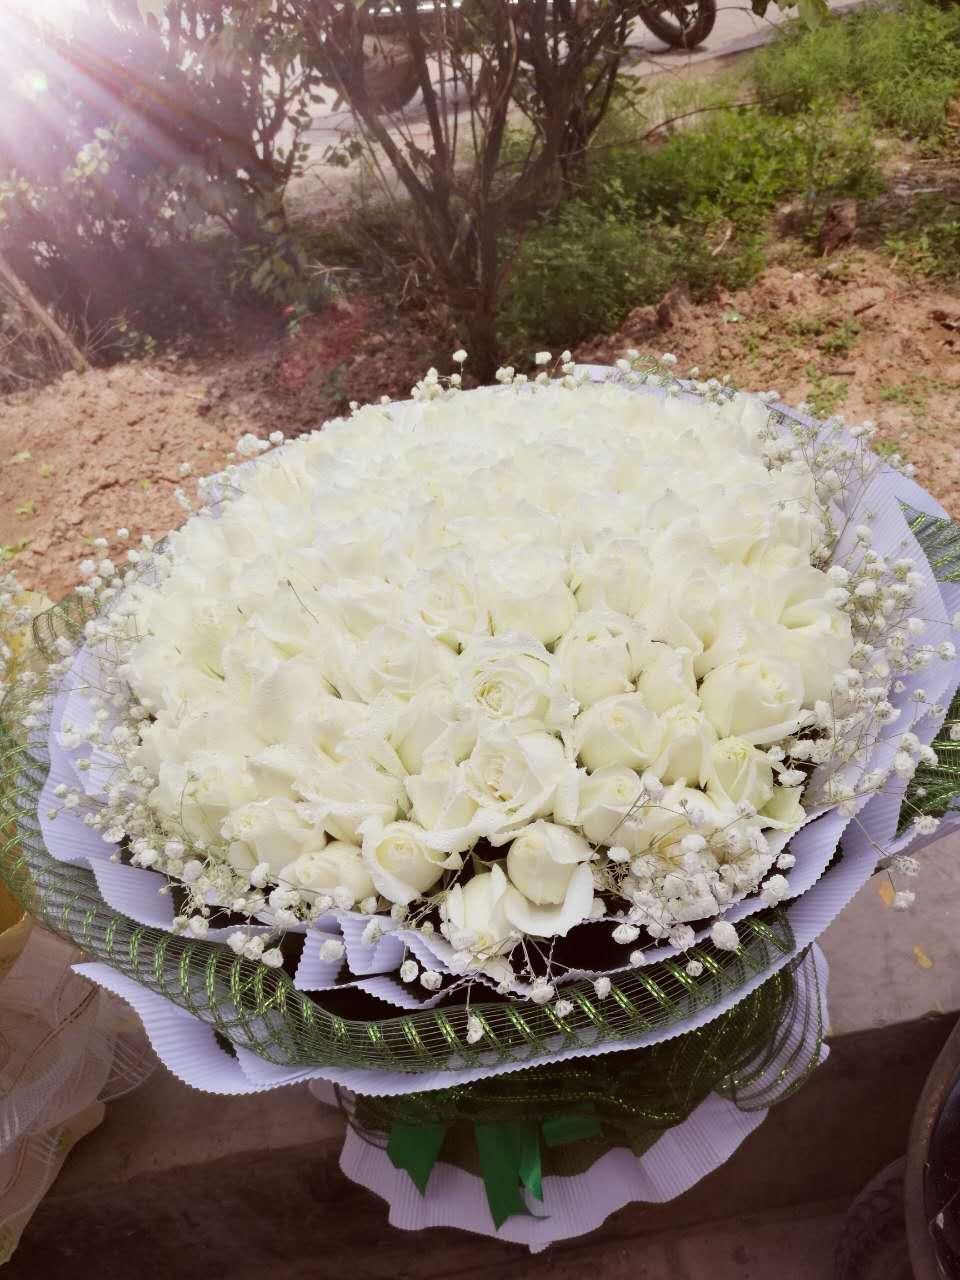 太原有口碑的鲜花推荐,鲜花销售价格